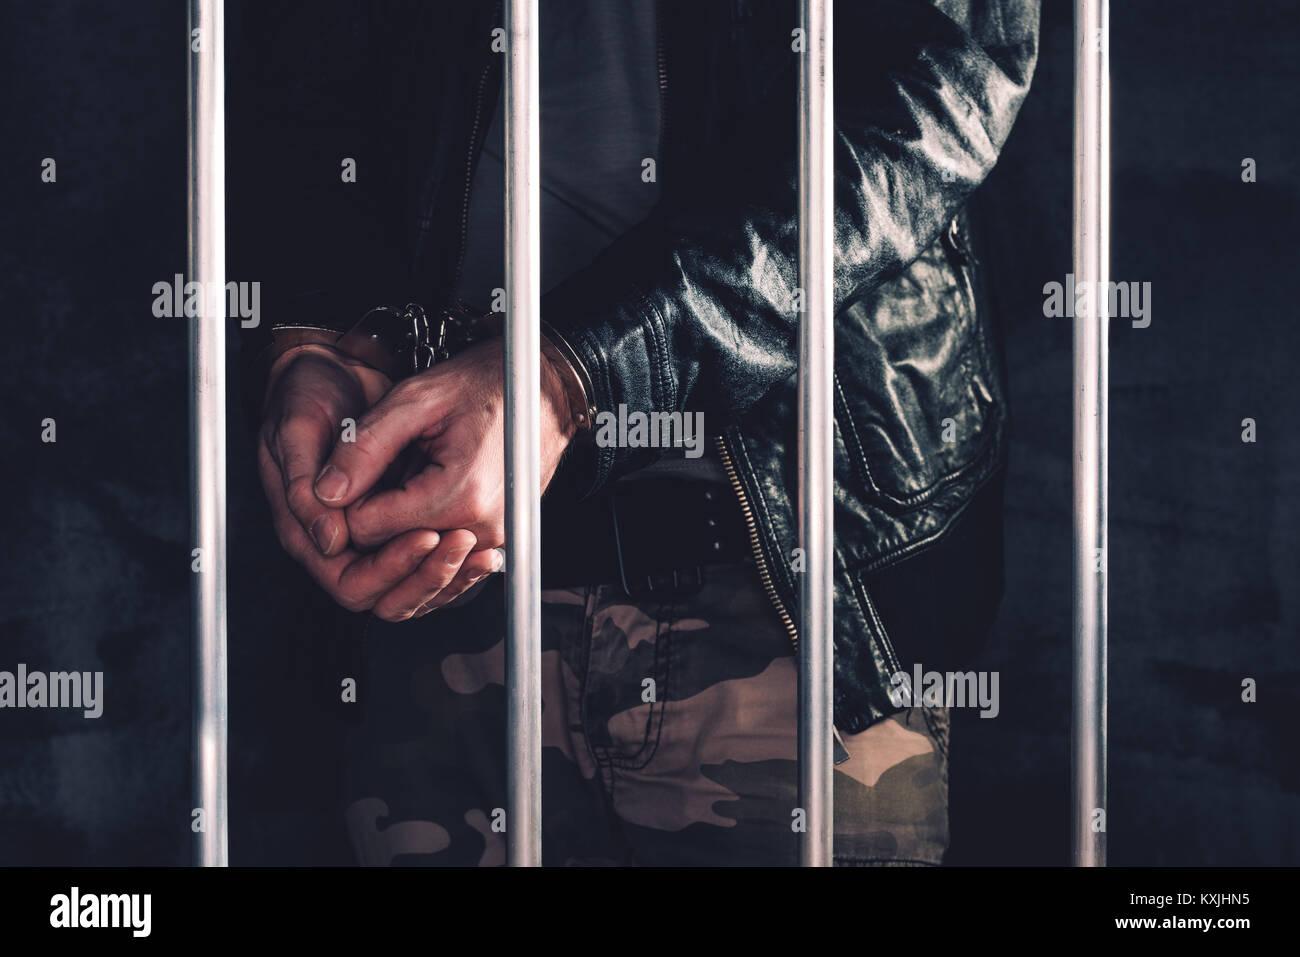 Jail nude men bars behind